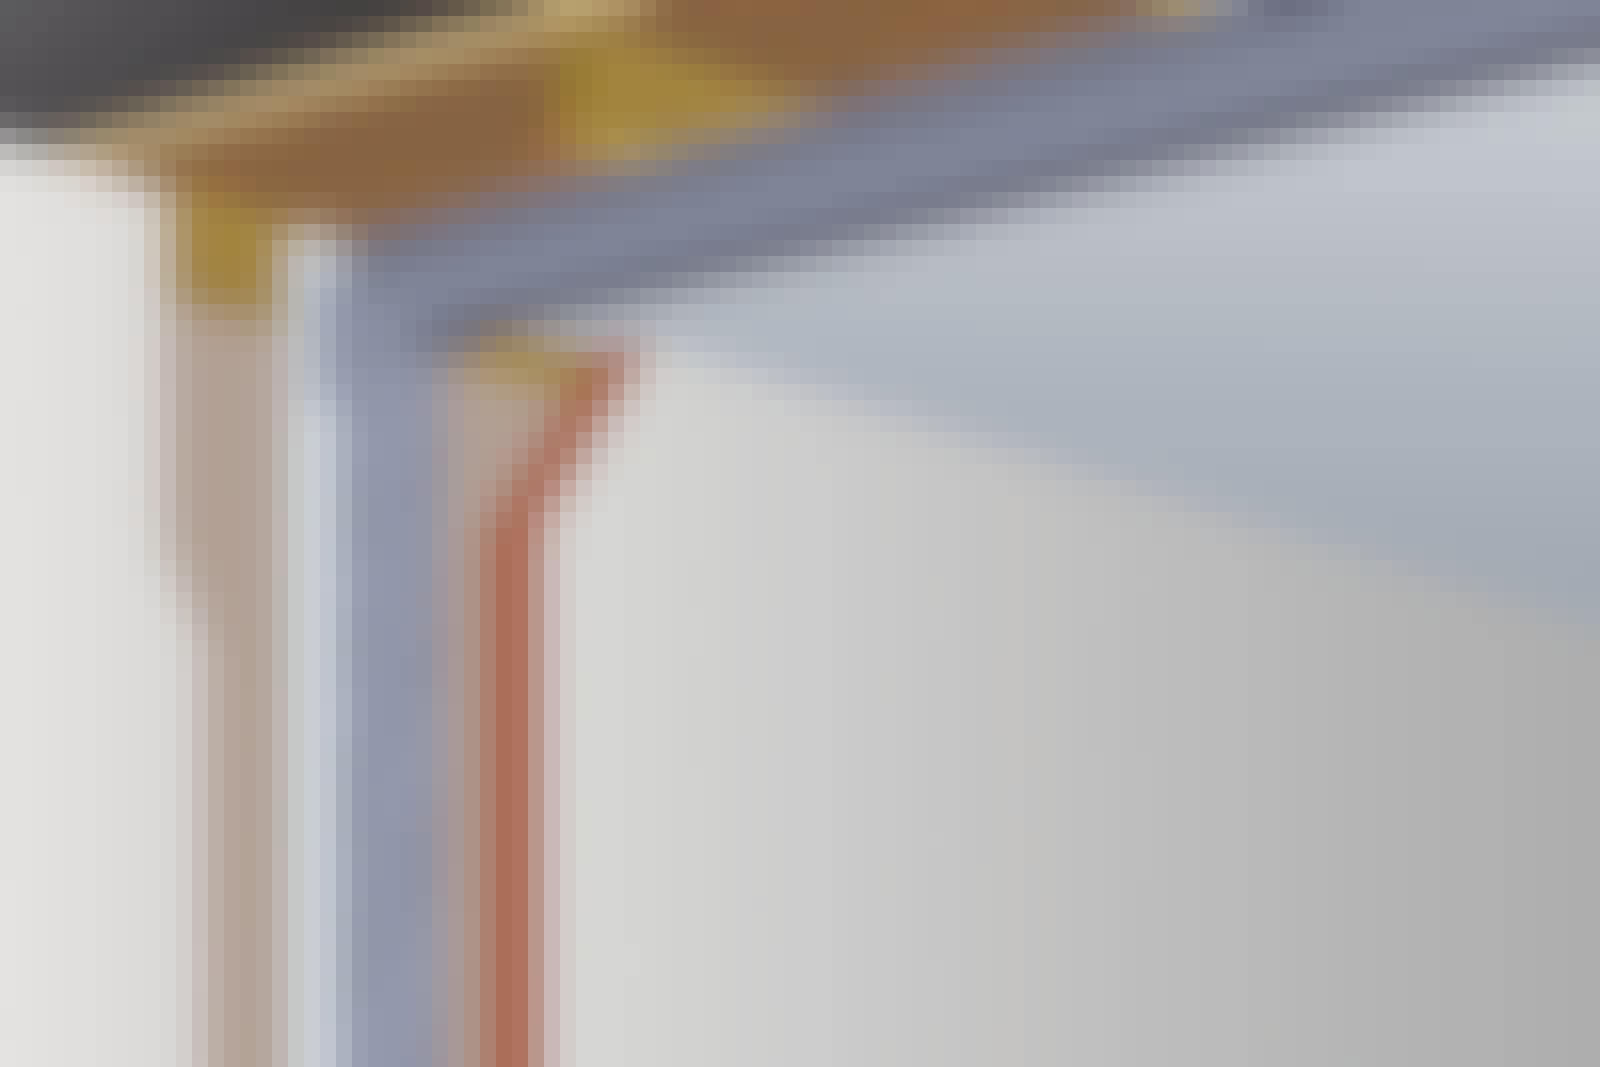 Stålbalk: Stålbalkar används som stående stolpar och som liggande stöd av ett tak.